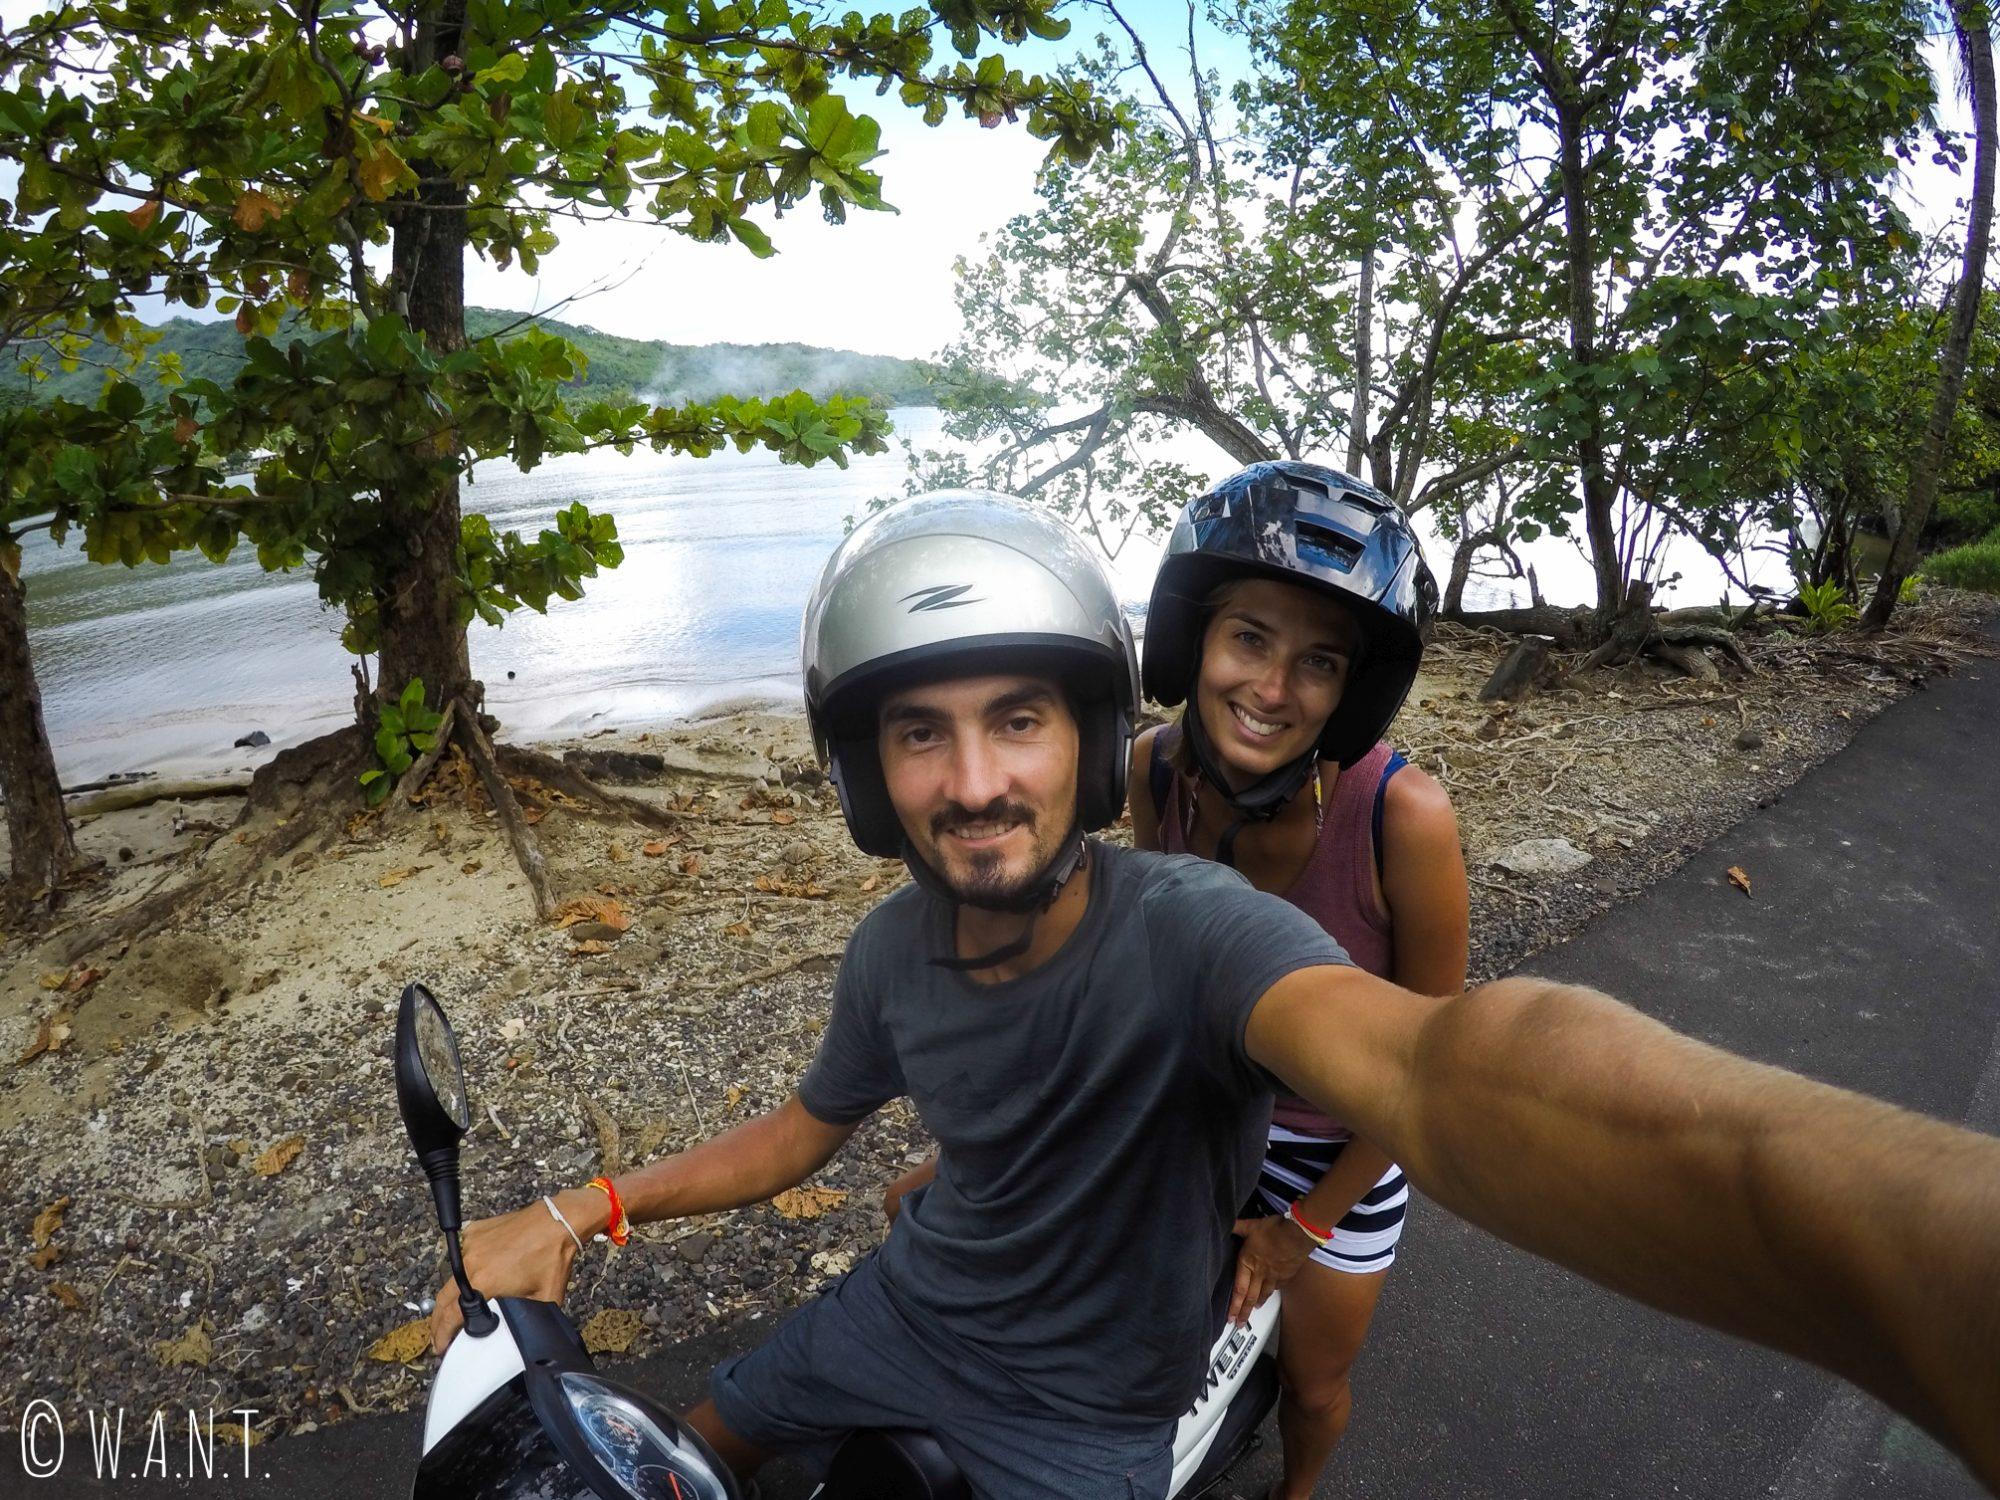 Selfie en scooter sur la route sur l'île de Moorea